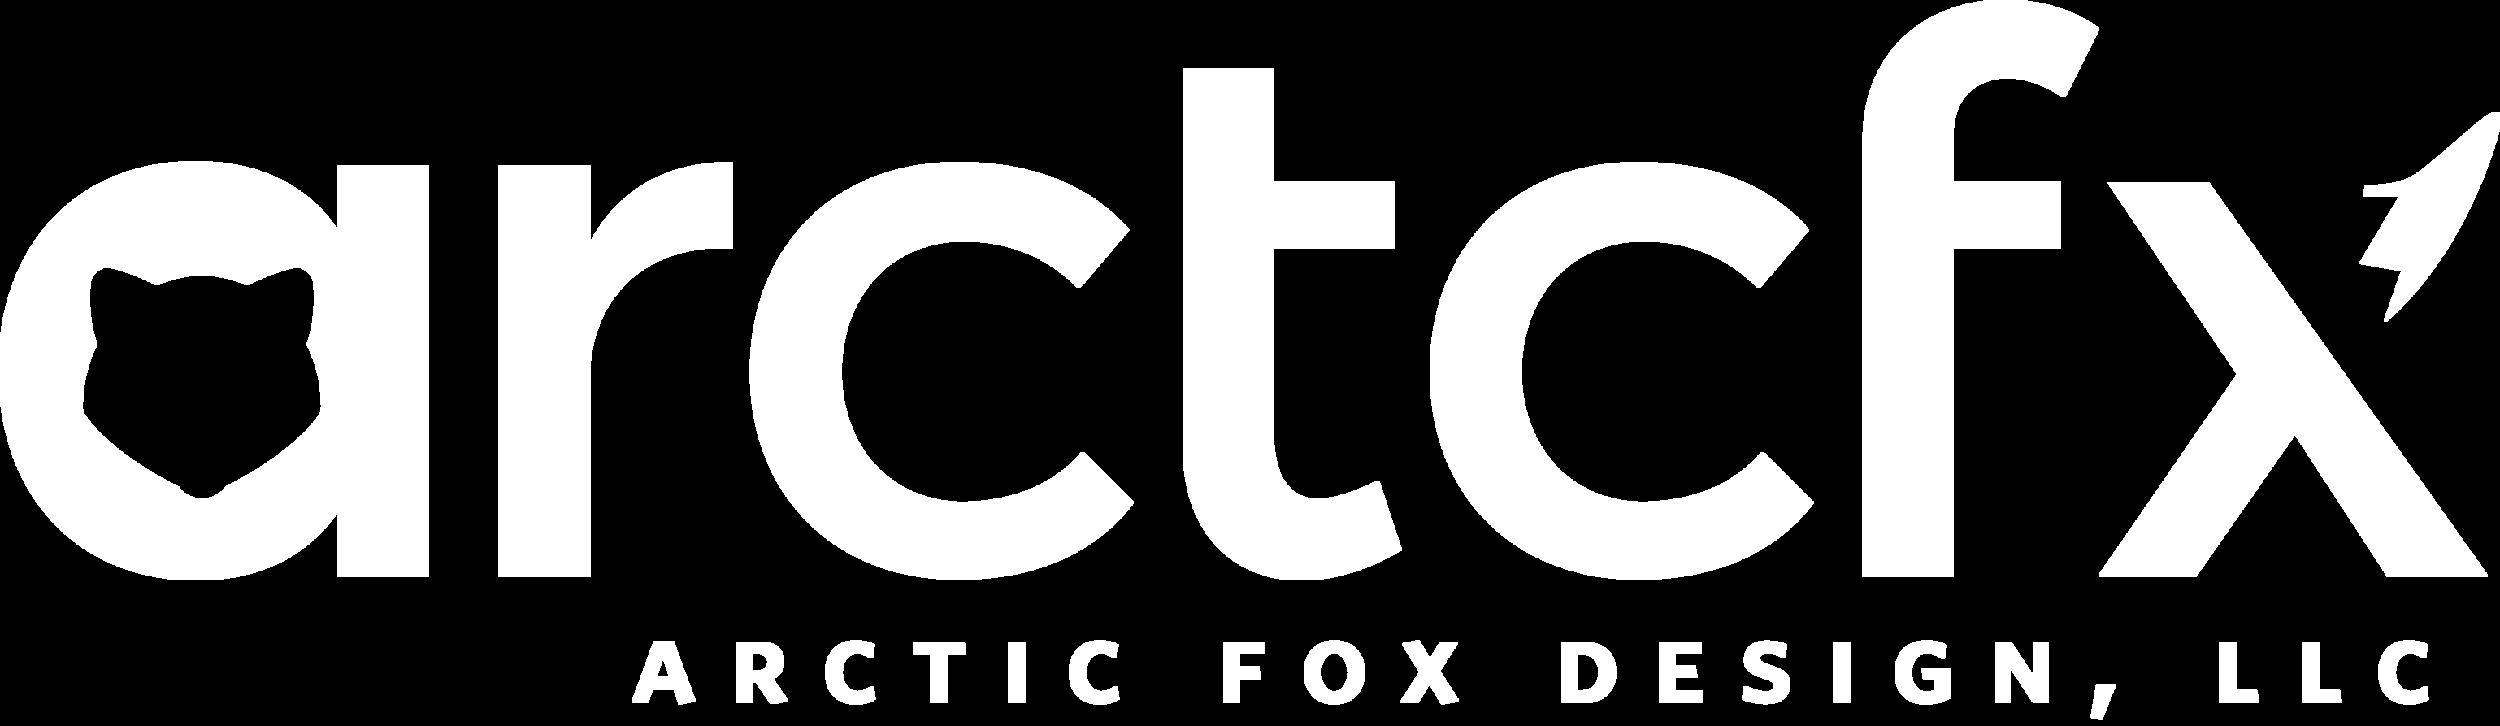 Logo_arctcfx_LLC_white.png